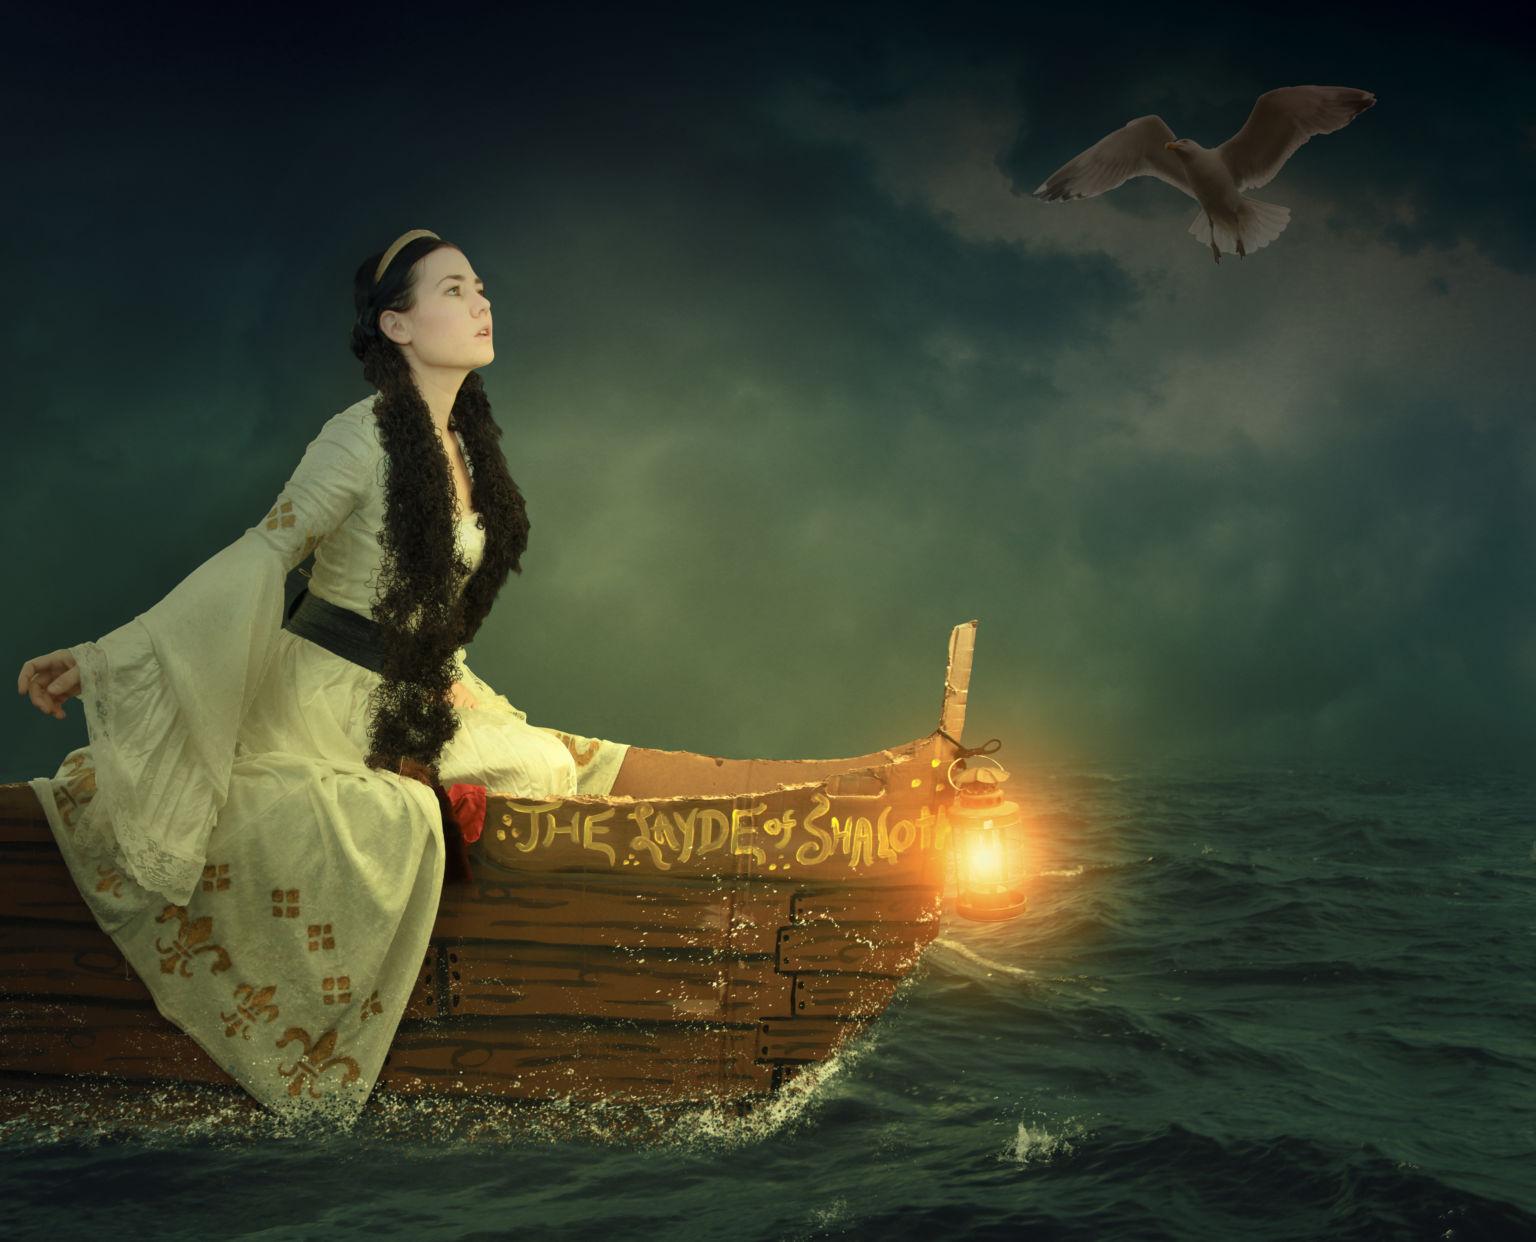 ফটোপশপ মেনিপুলেশন টিউটোরিয়ালঃ Lady On The Sea | ব্যাকগ্রাউন্ড পরিবর্তন করুন